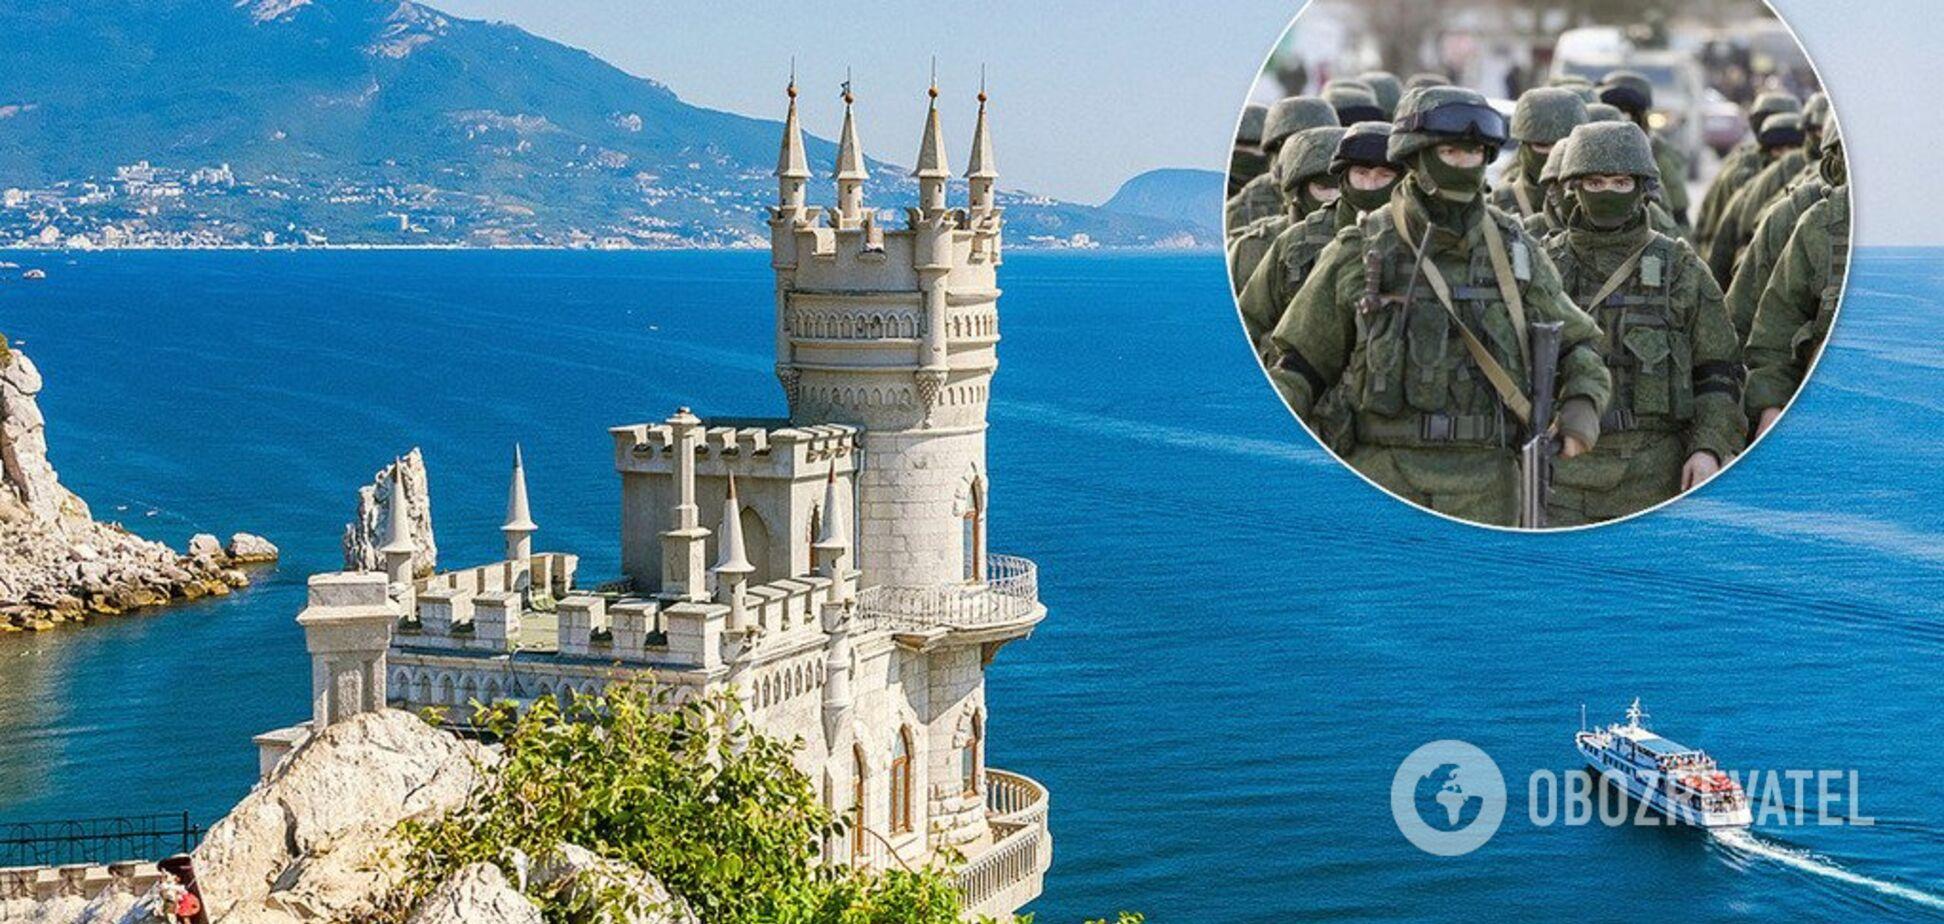 Доправляли 'зелених чоловічків' до Криму: Україну викрили в несподіваних поступках компанії з РФ